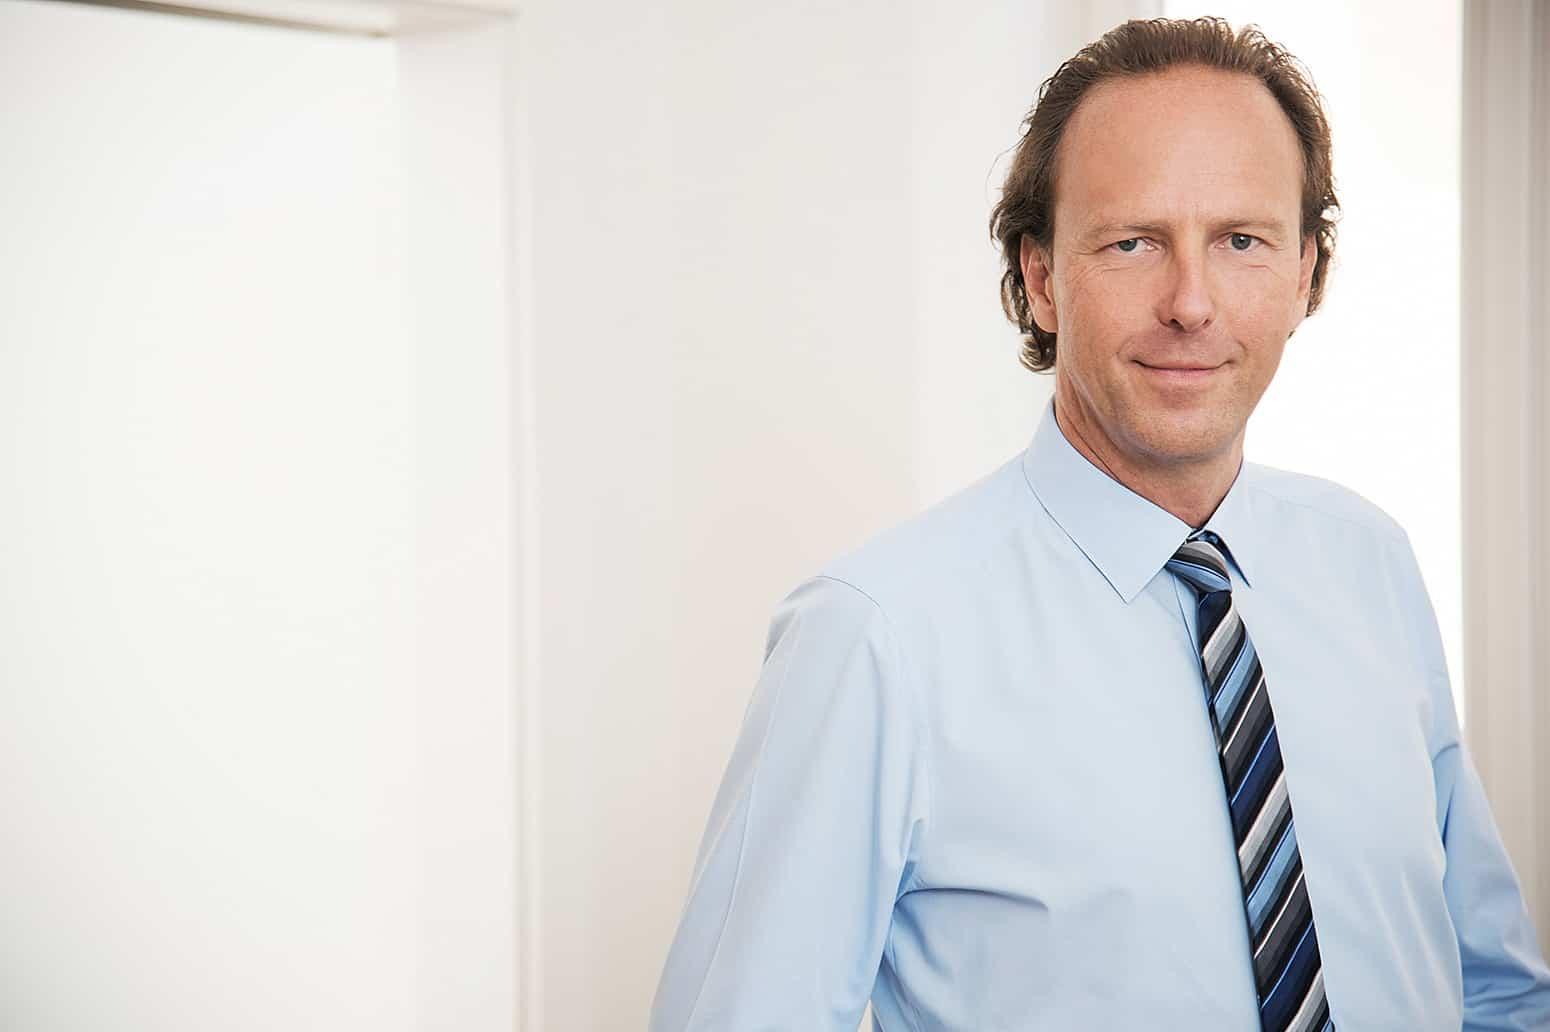 Rechtsanwalt Jörg Löffler, zertifizierter Mediator